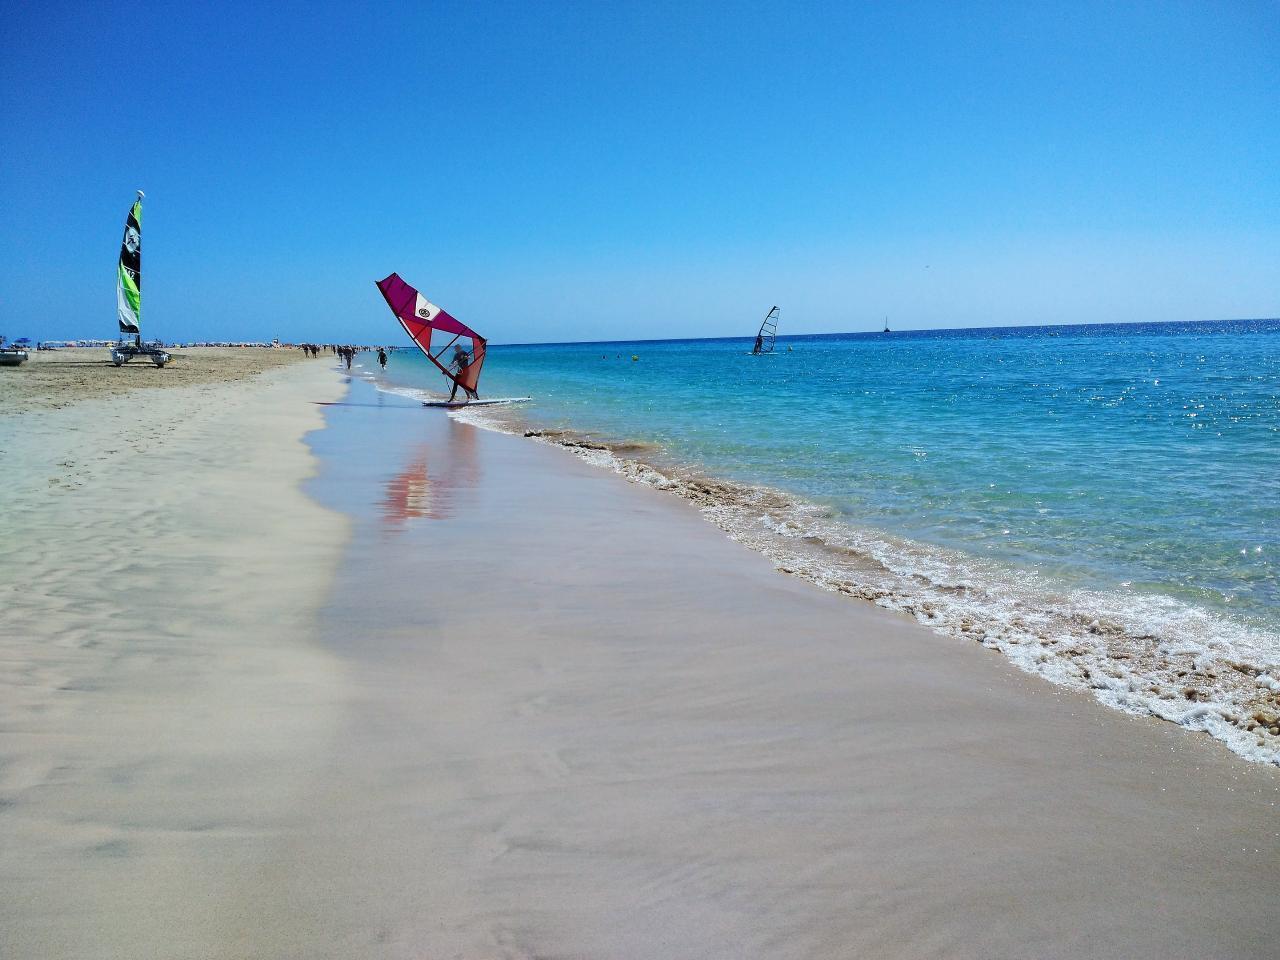 Ferienwohnung Penthouse / Apt. in der besten Gegend von Costa Calma, mit Blick auf eine große Terrasse a (487472), Costa Calma, Fuerteventura, Kanarische Inseln, Spanien, Bild 23